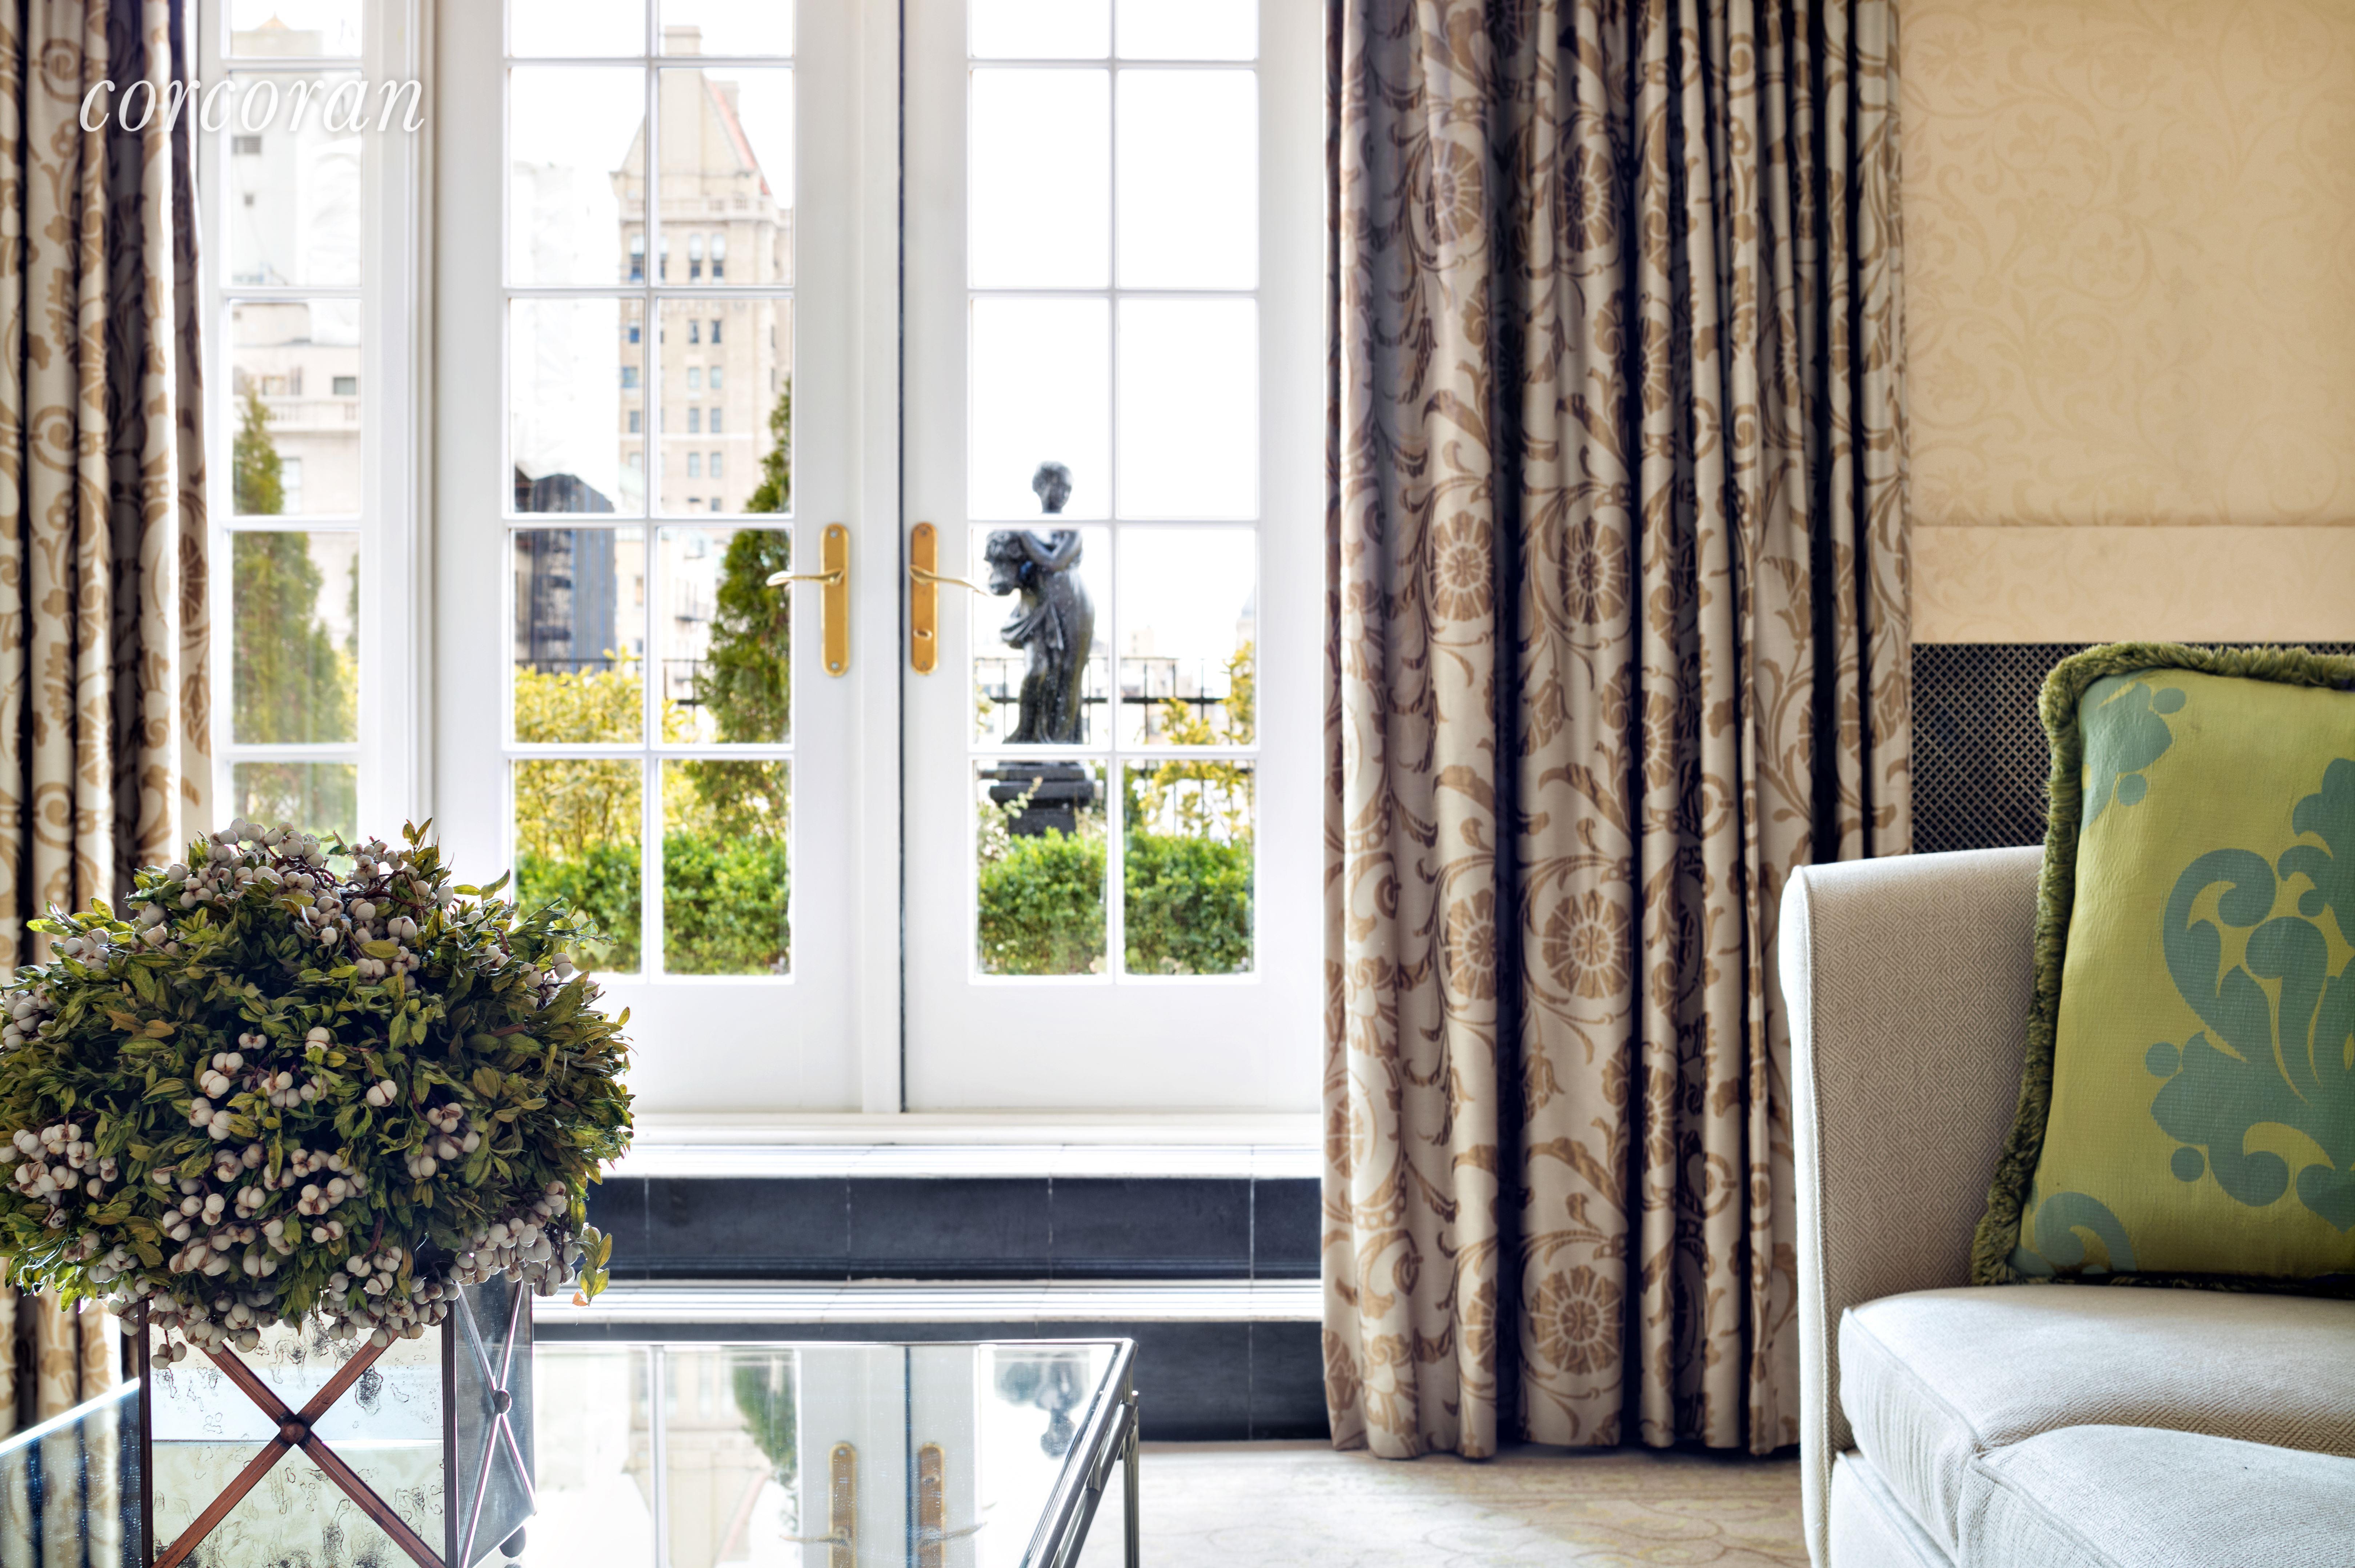 795 Fifth Avenue New York, NY 10065